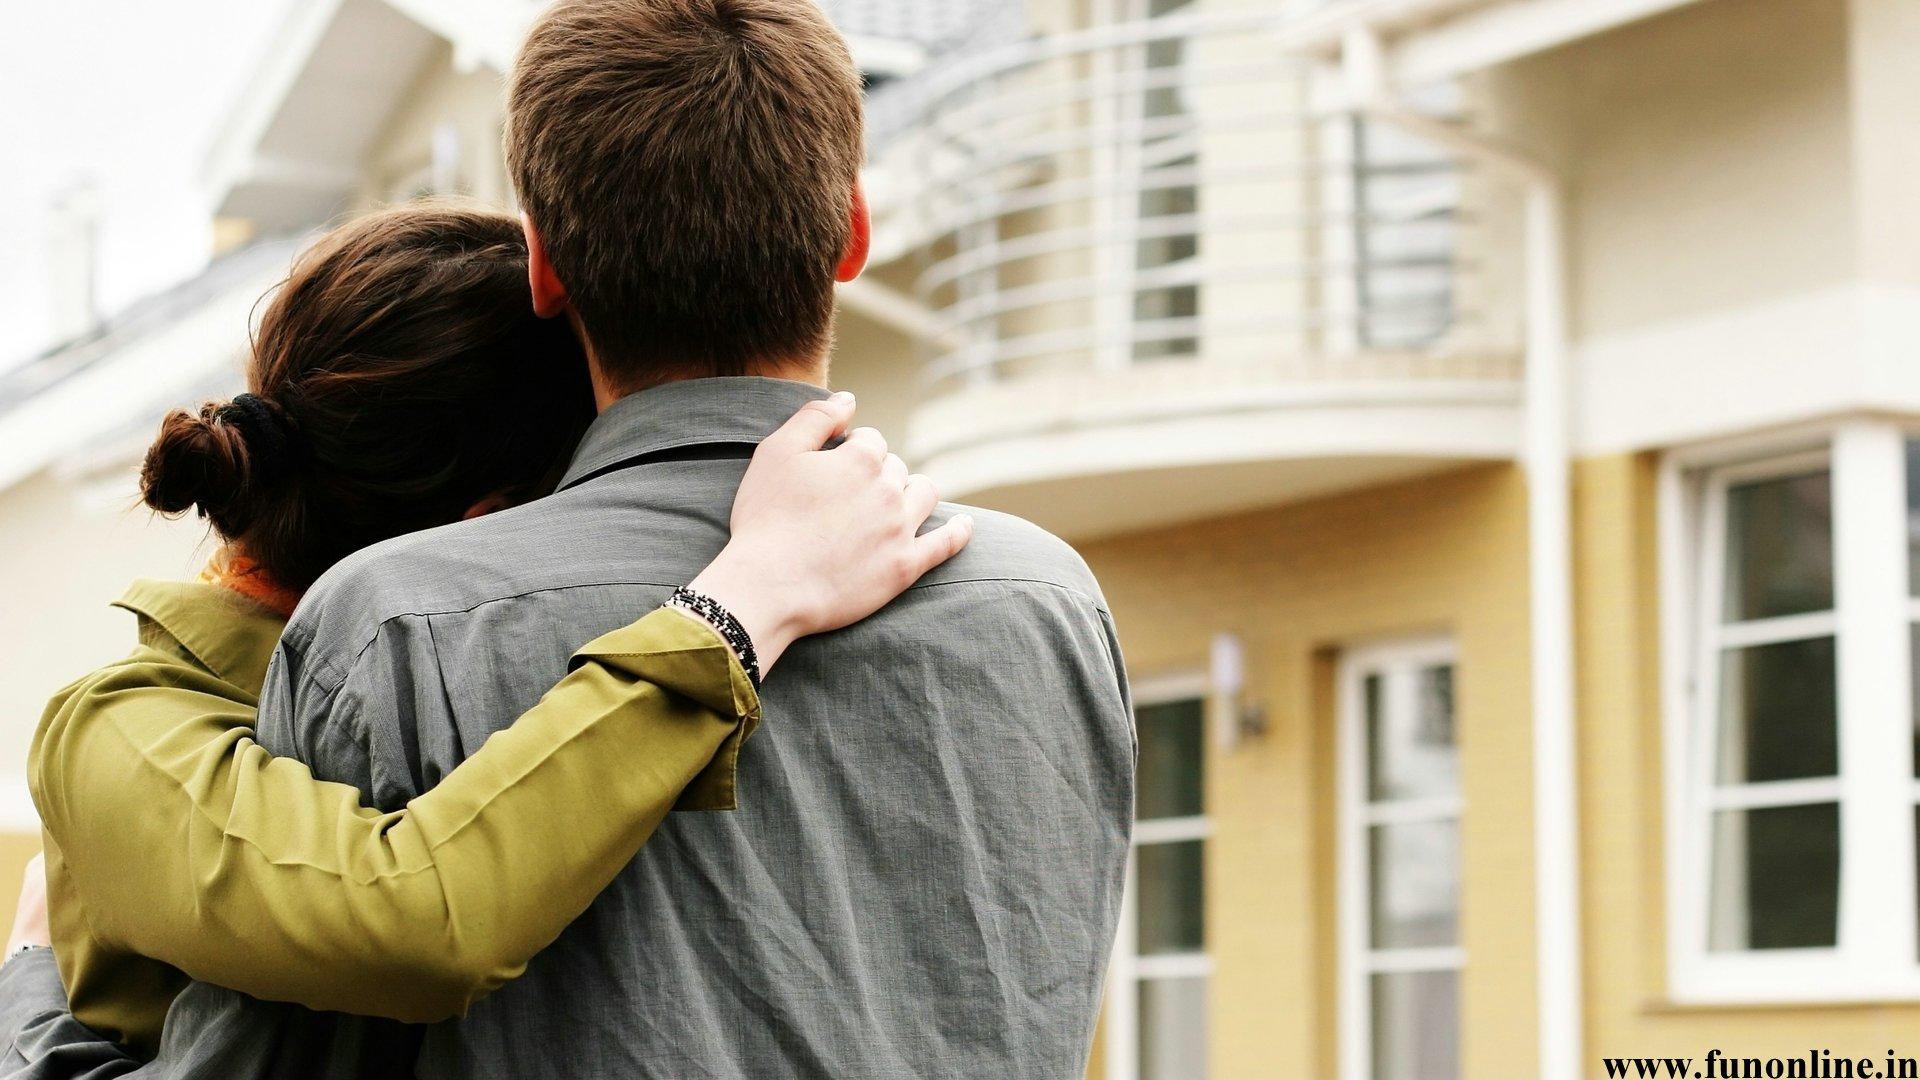 Love Hugs Wallpapers Greatly Pleasing Love Hugs HD Wallpapers 1920x1080